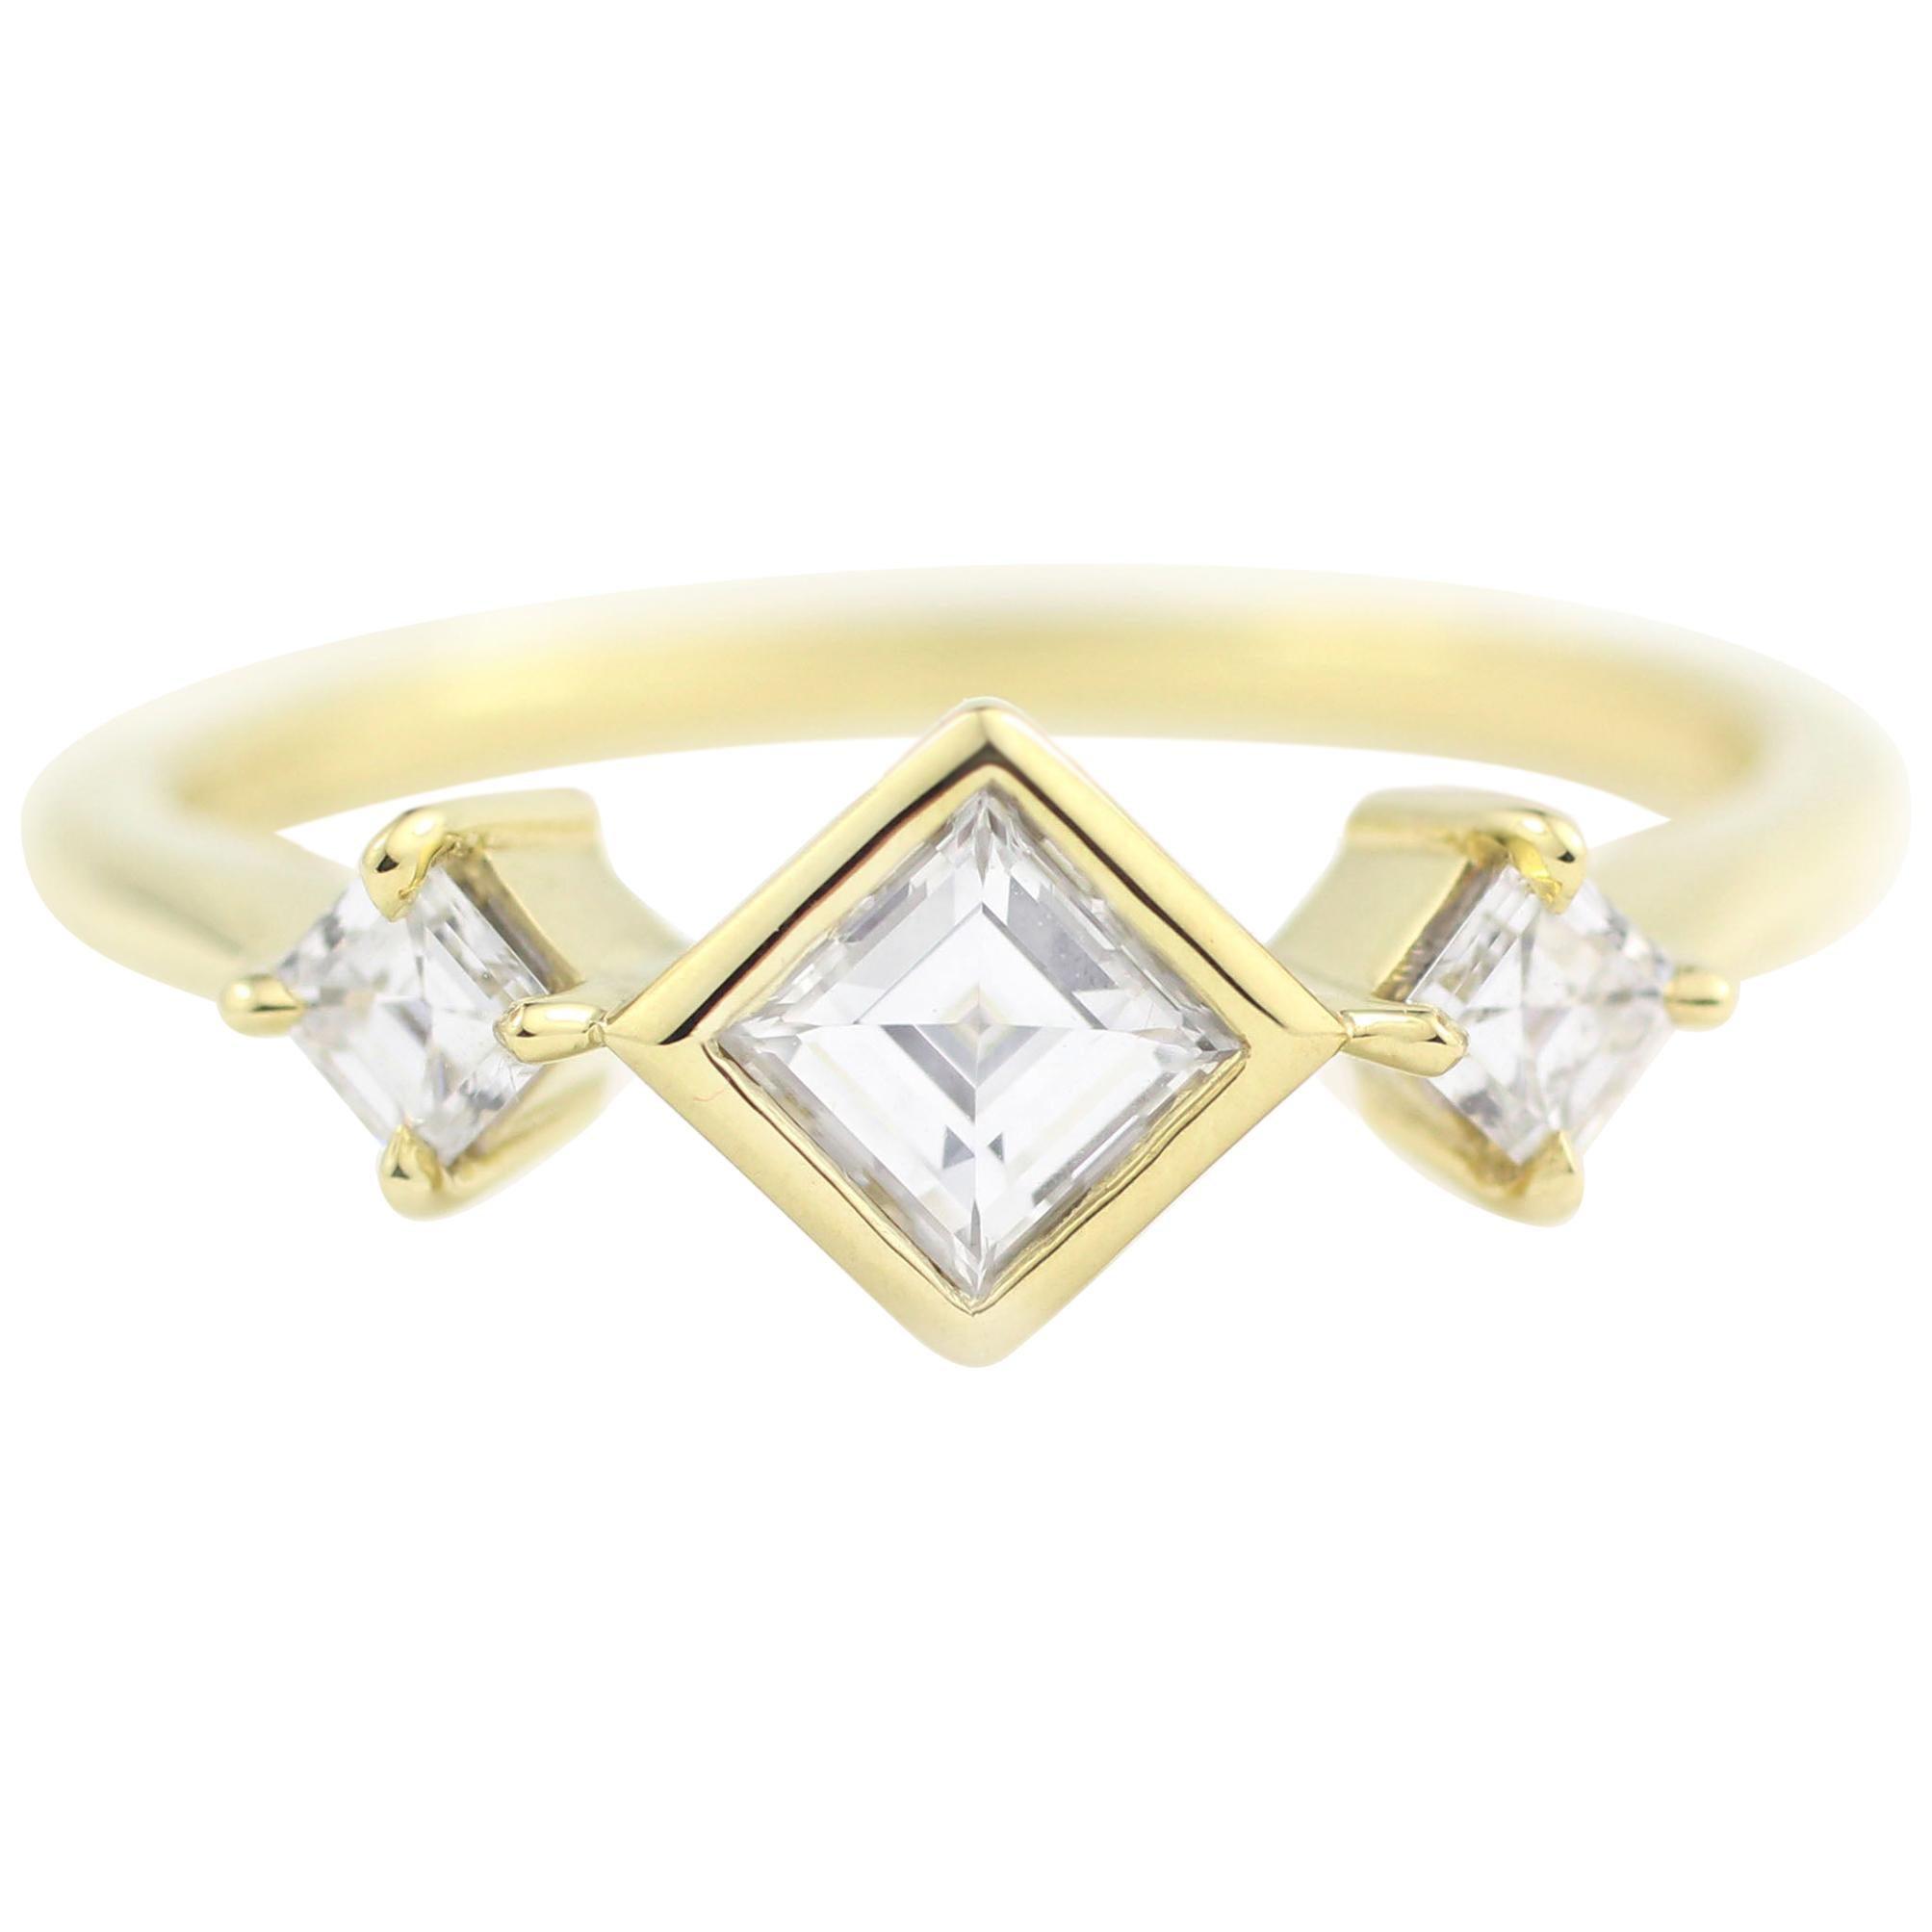 Julius Cohen Square Diamond Ring